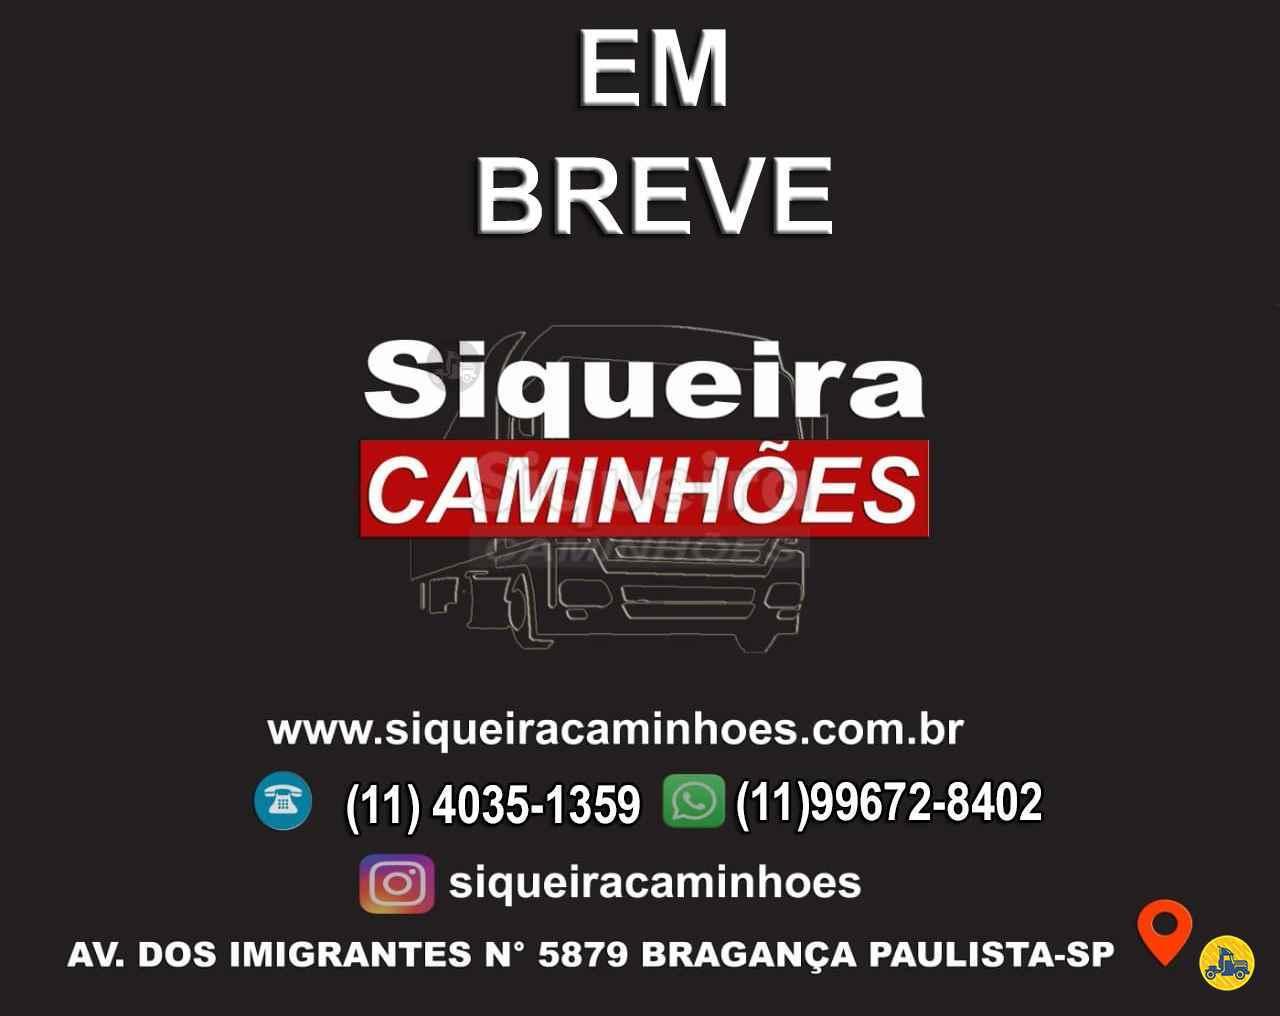 CAMINHAO MERCEDES-BENZ MB 1620 Carga Seca Truck 6x2 Siqueira Caminhões BRAGANCA PAULISTA SÃO PAULO SP